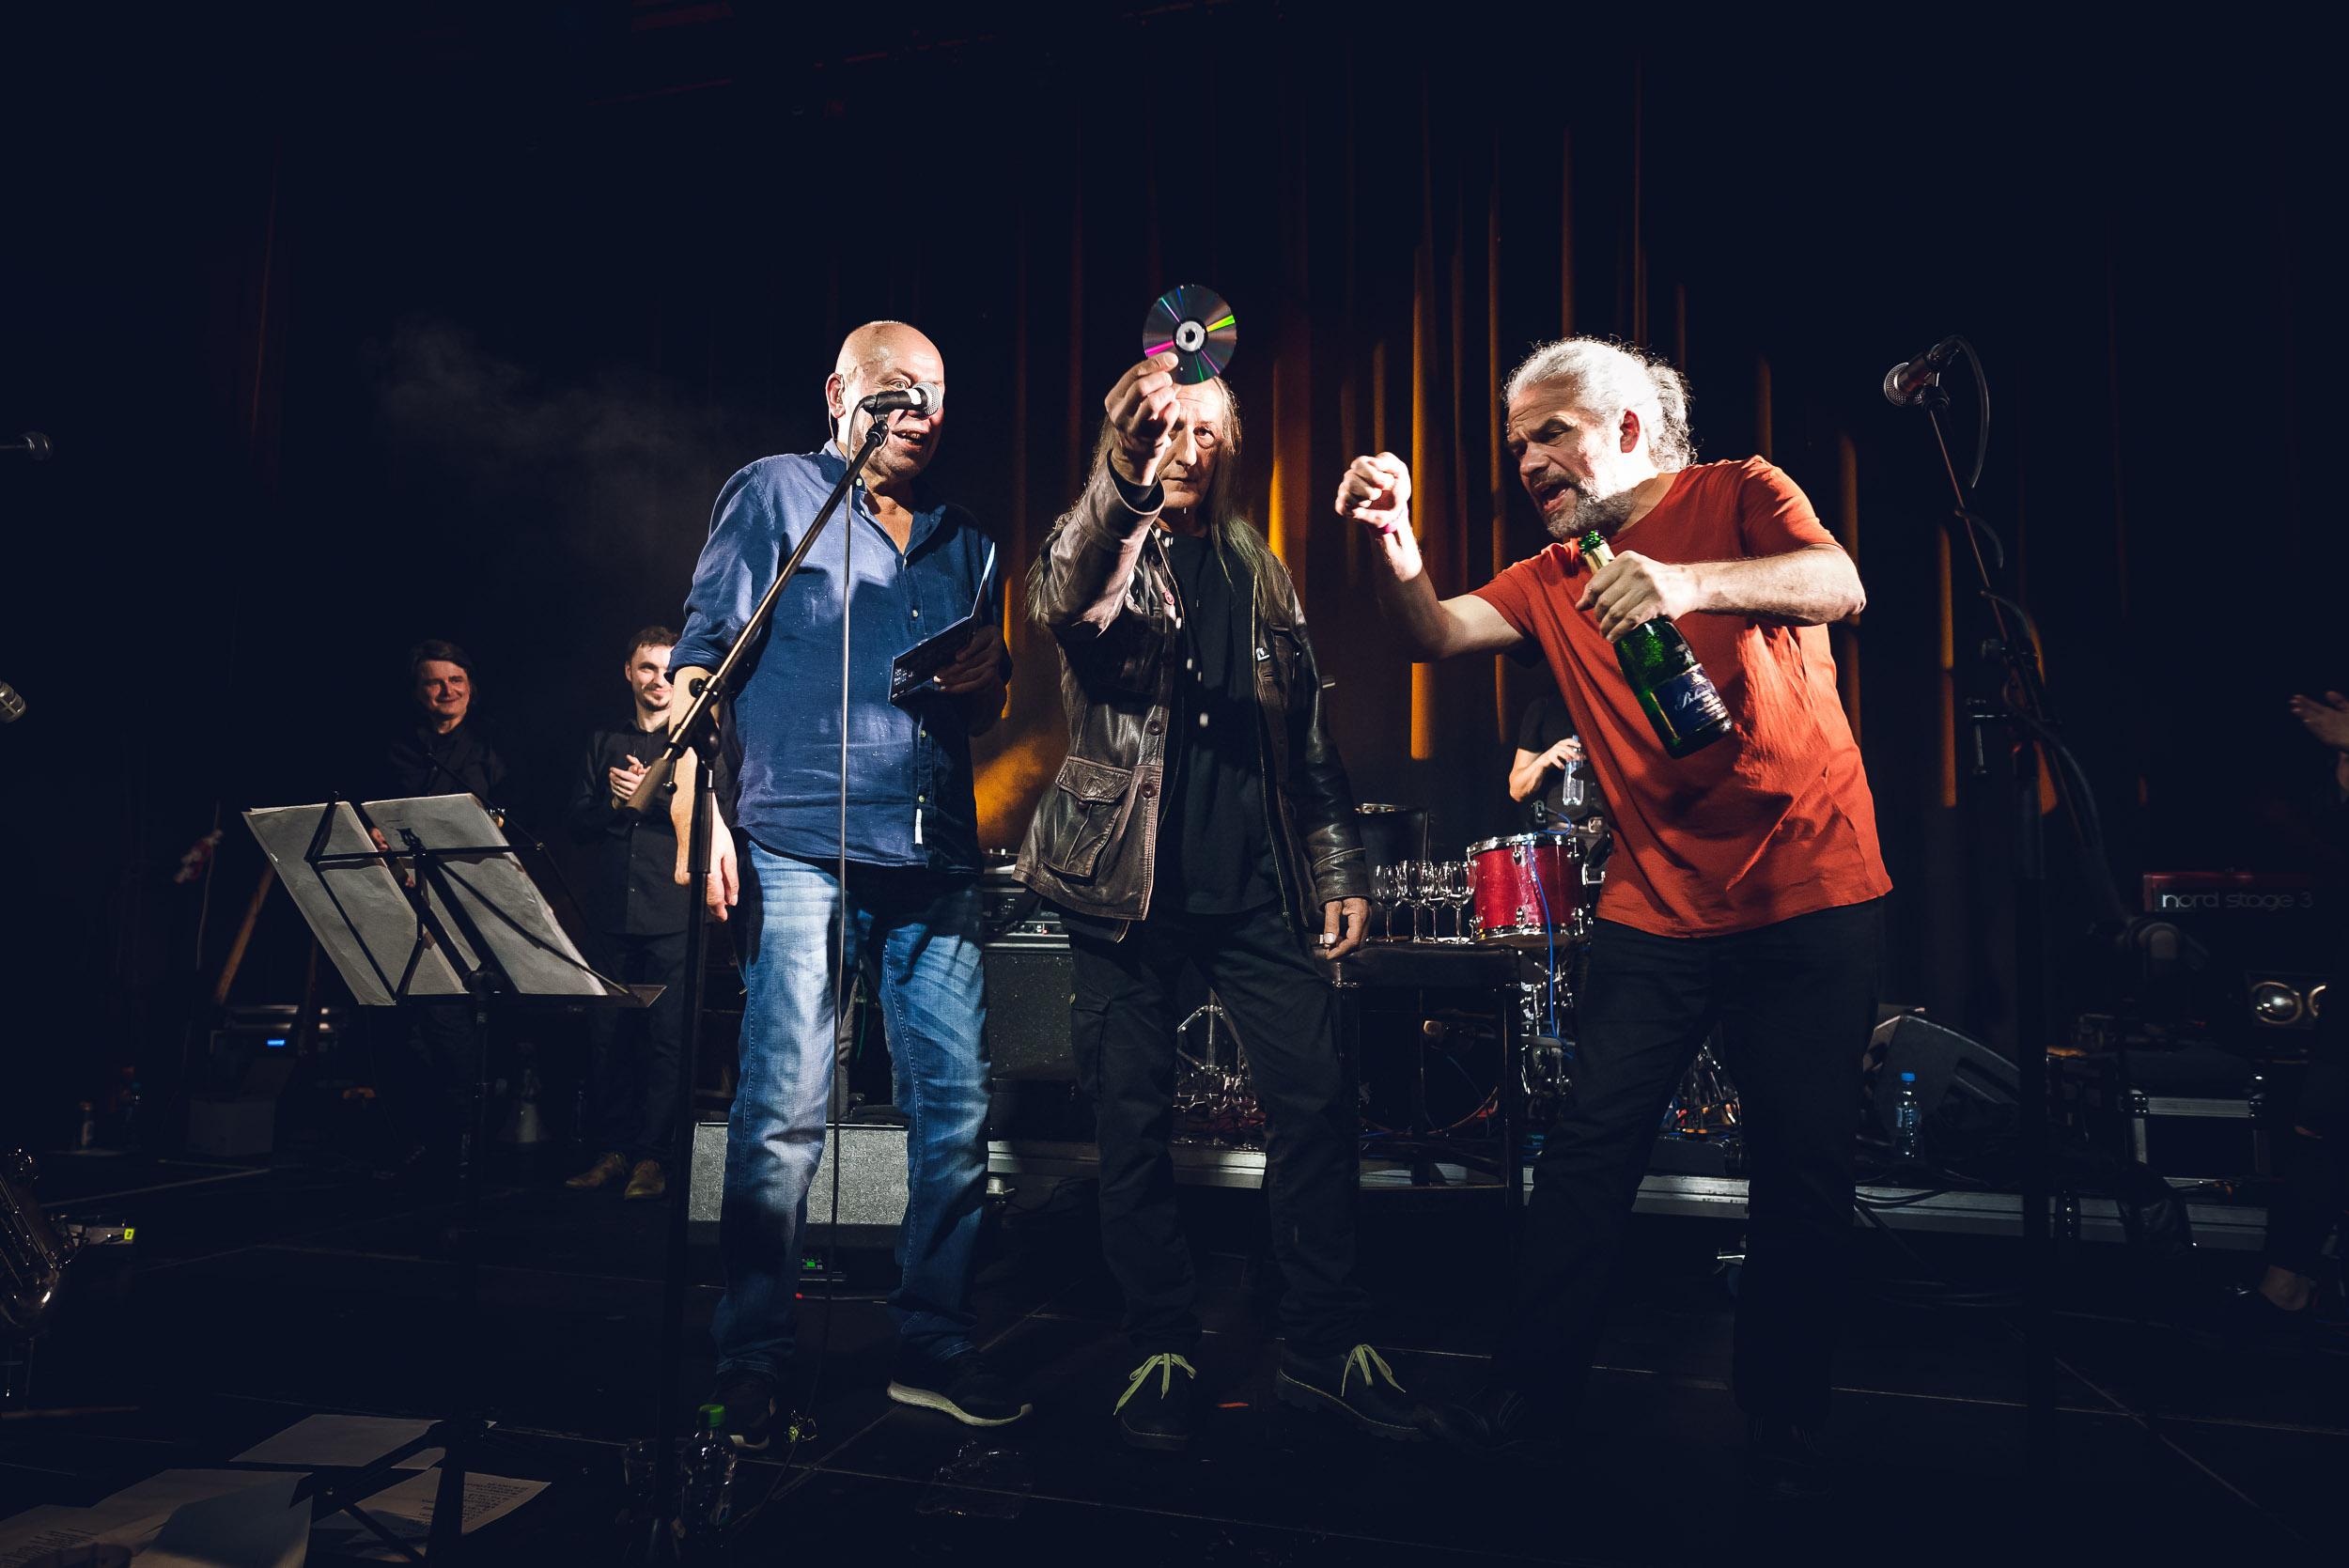 Michal-Ambroz-Hudba-Praha-Tomas-Valnoha-49-.jpg